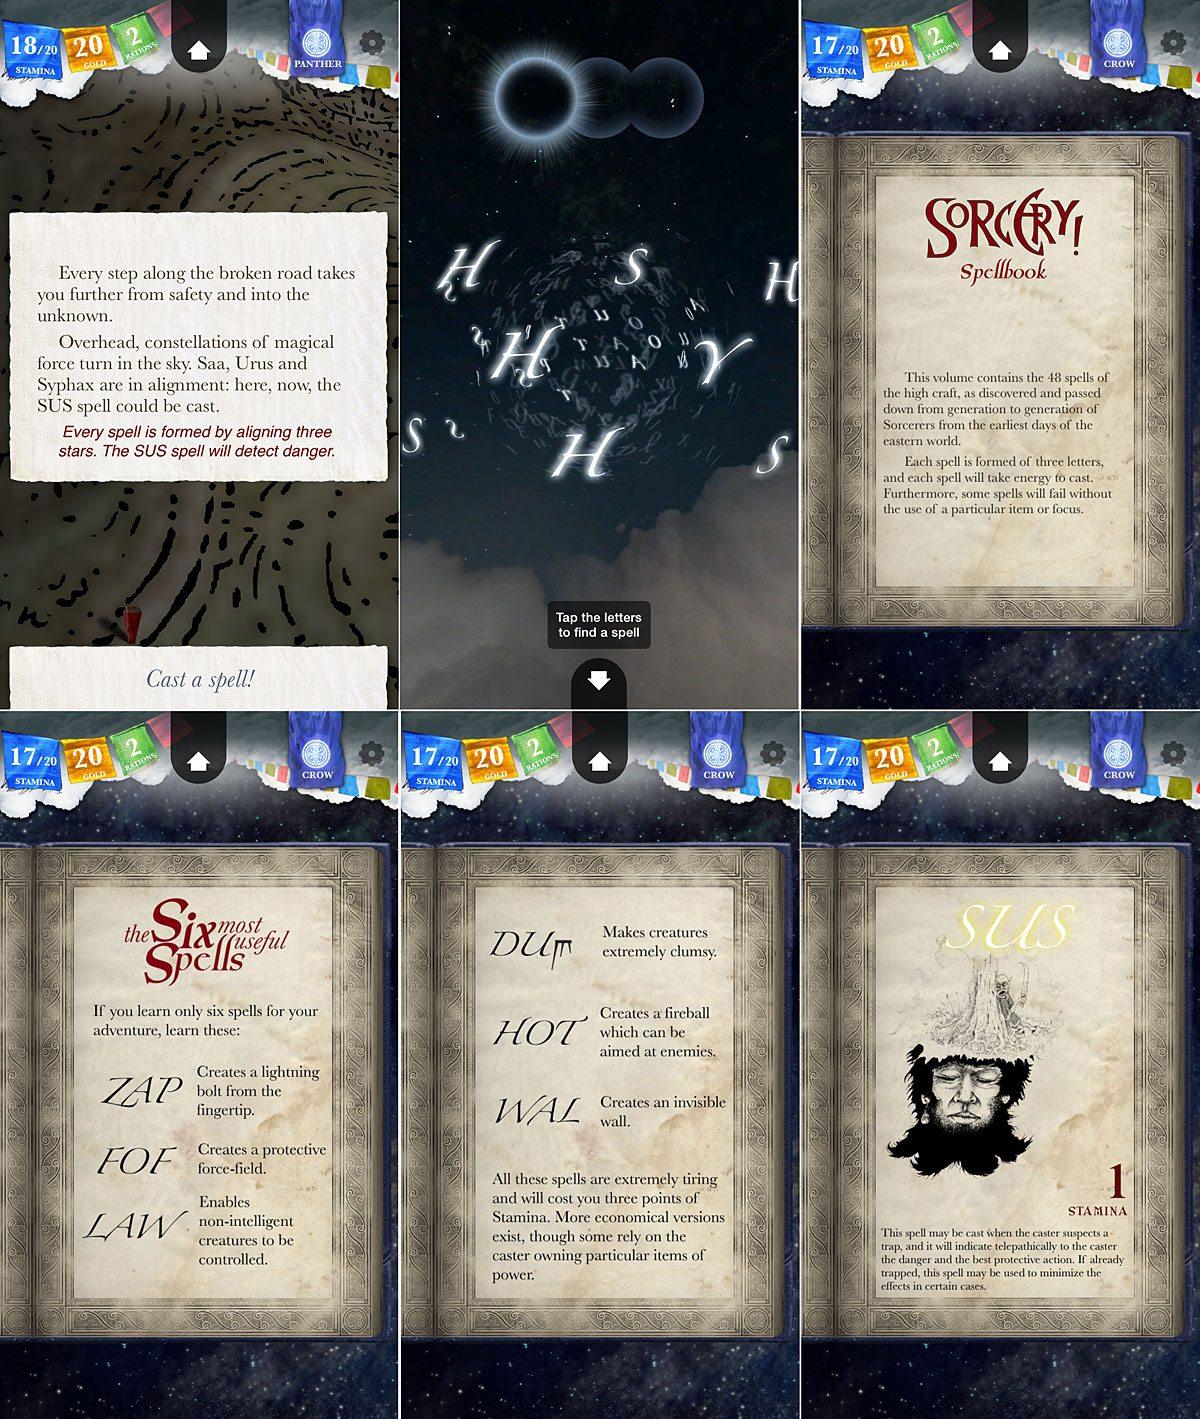 Sorcery3-Magic